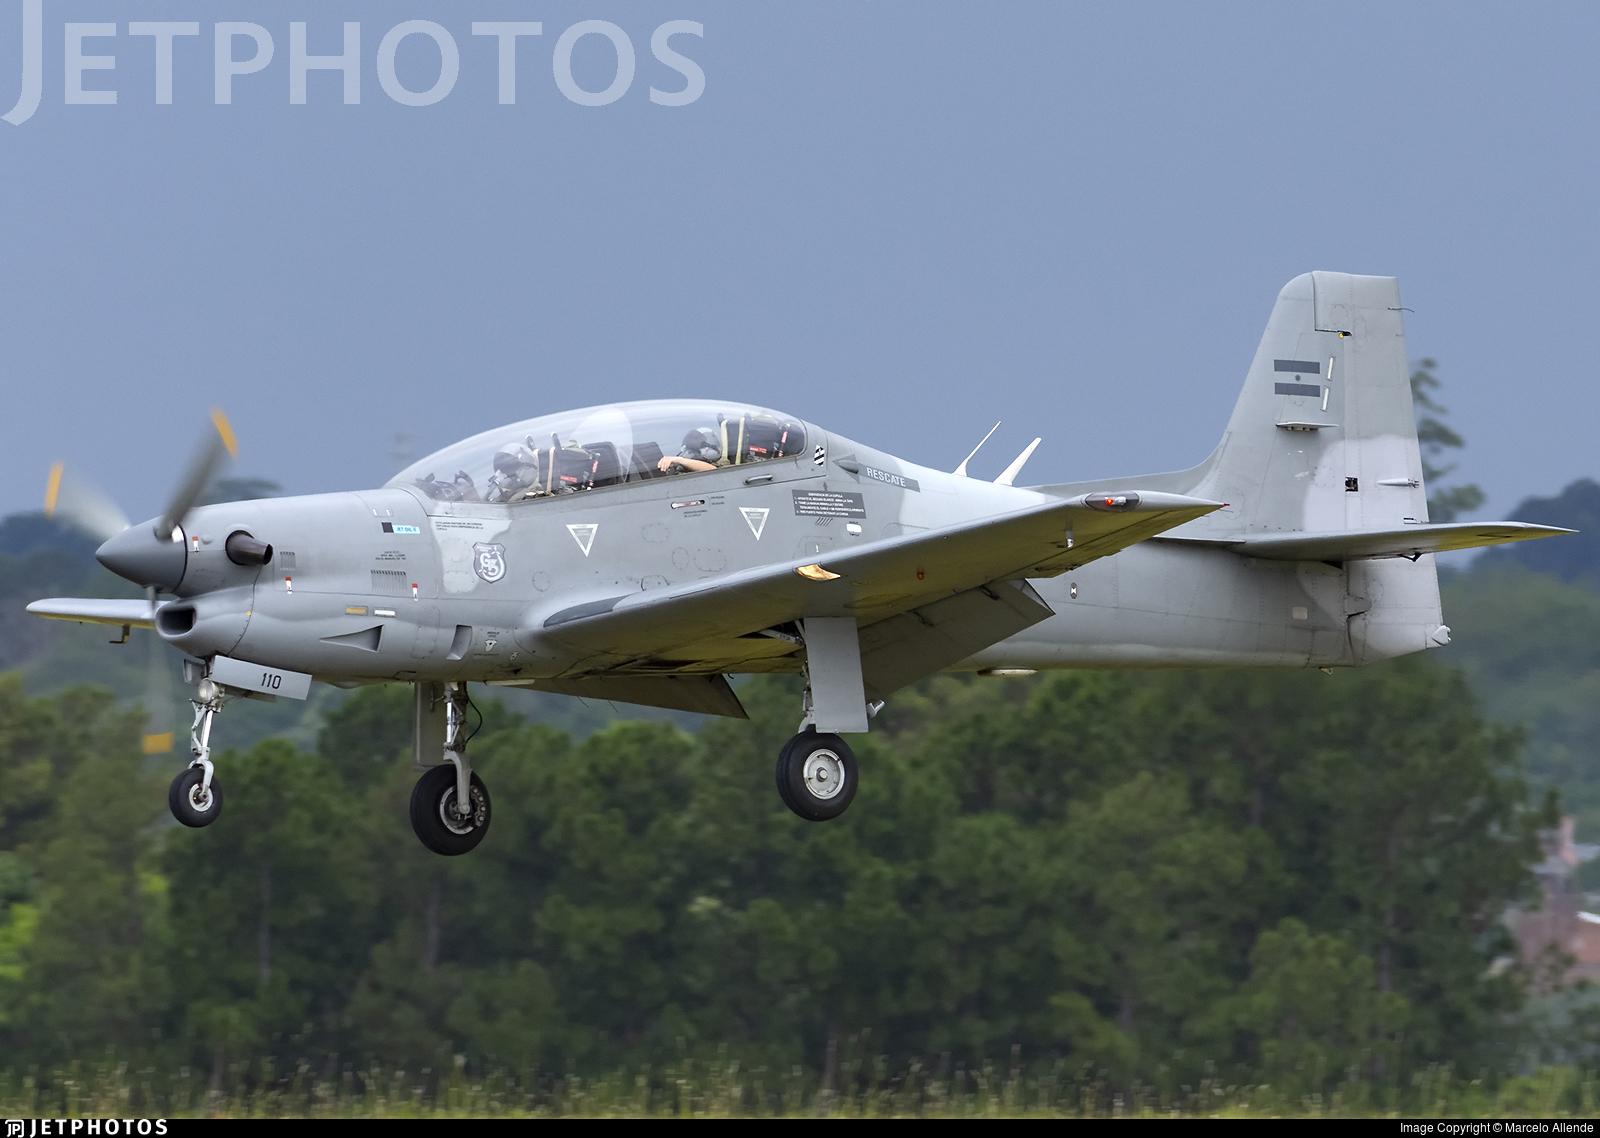 A-110 - Embraer EMB-312 Tucano - Argentina - Air Force